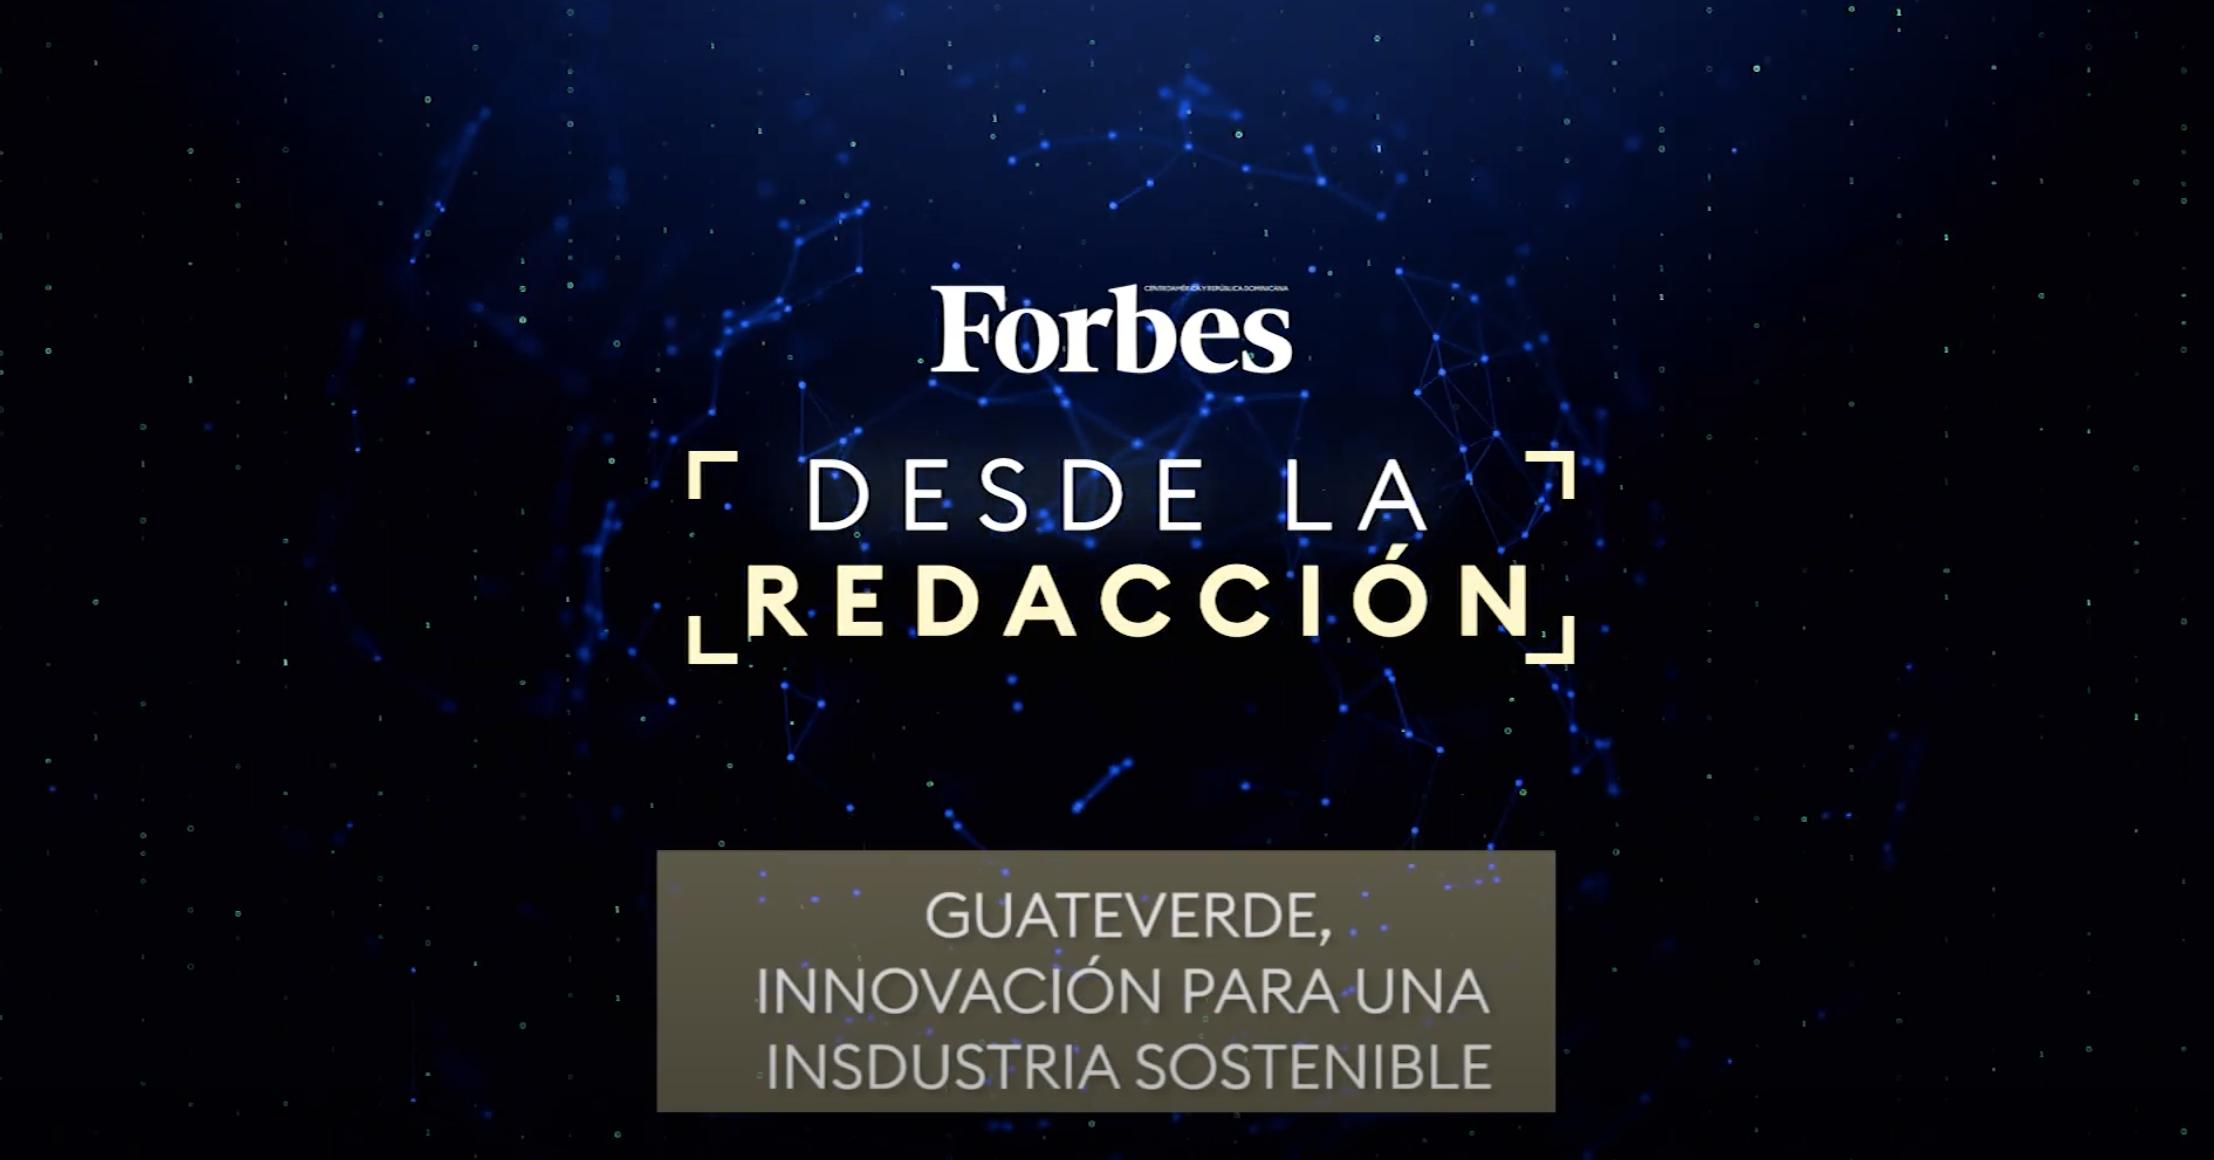 Guateverde, innovación para una industria sostenible